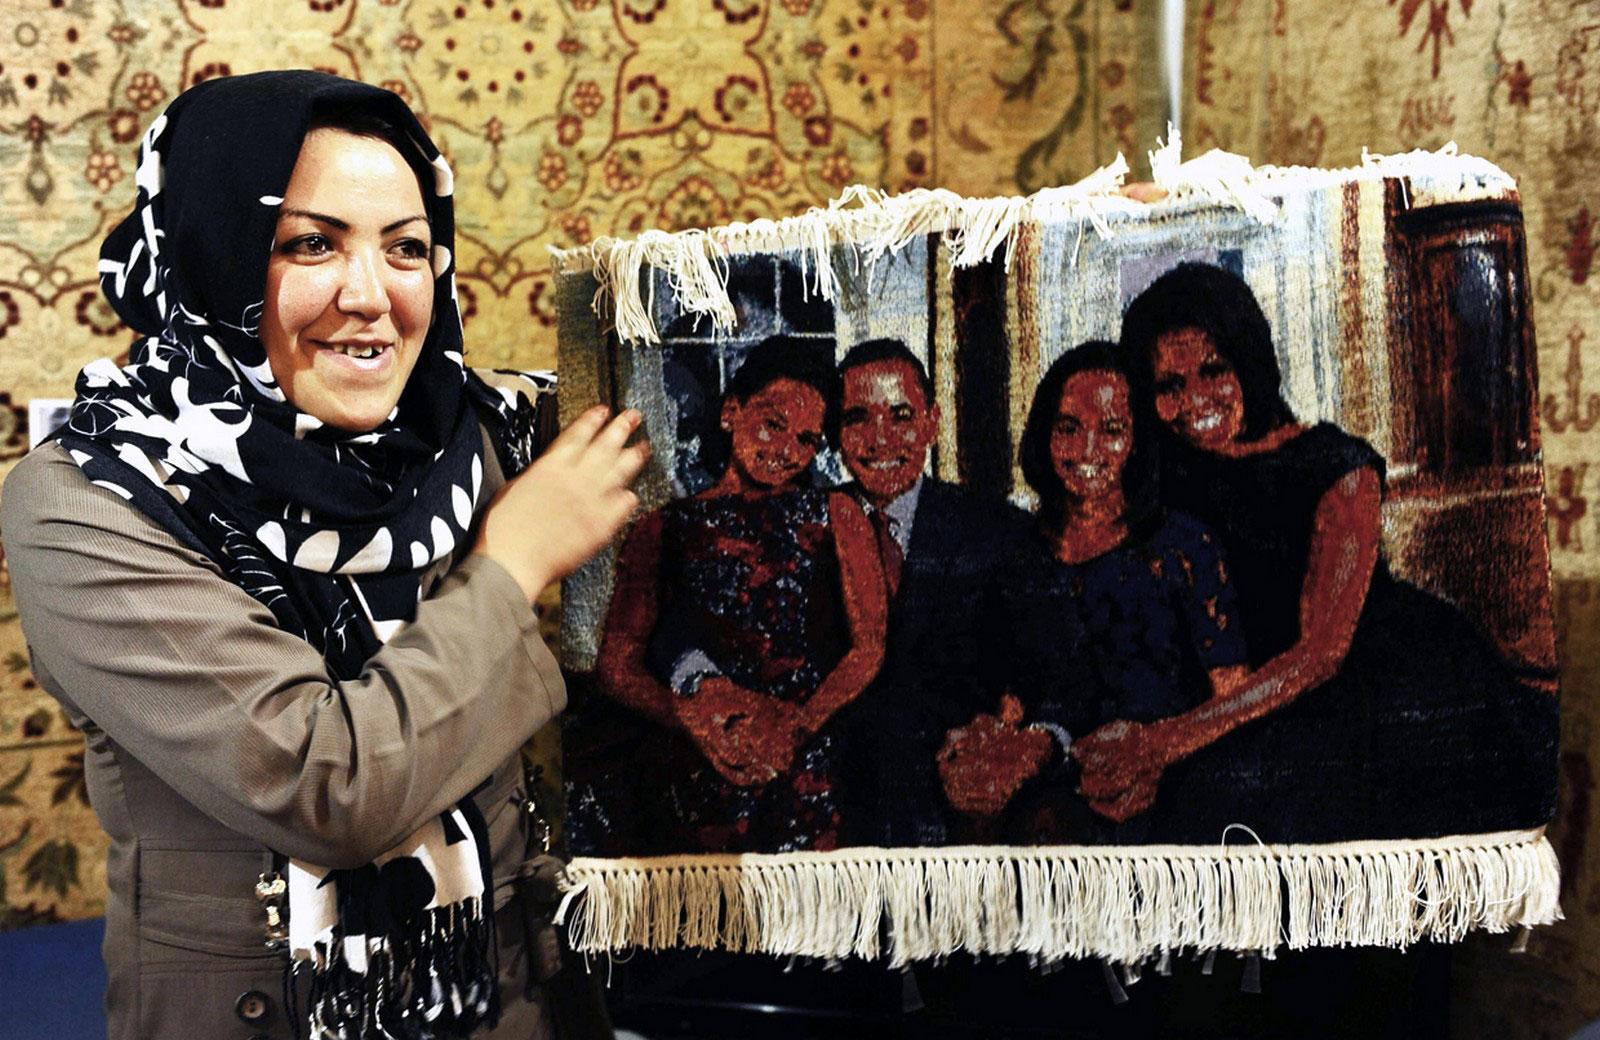 ковер с изображением президента США Барака Обамы и его семьи